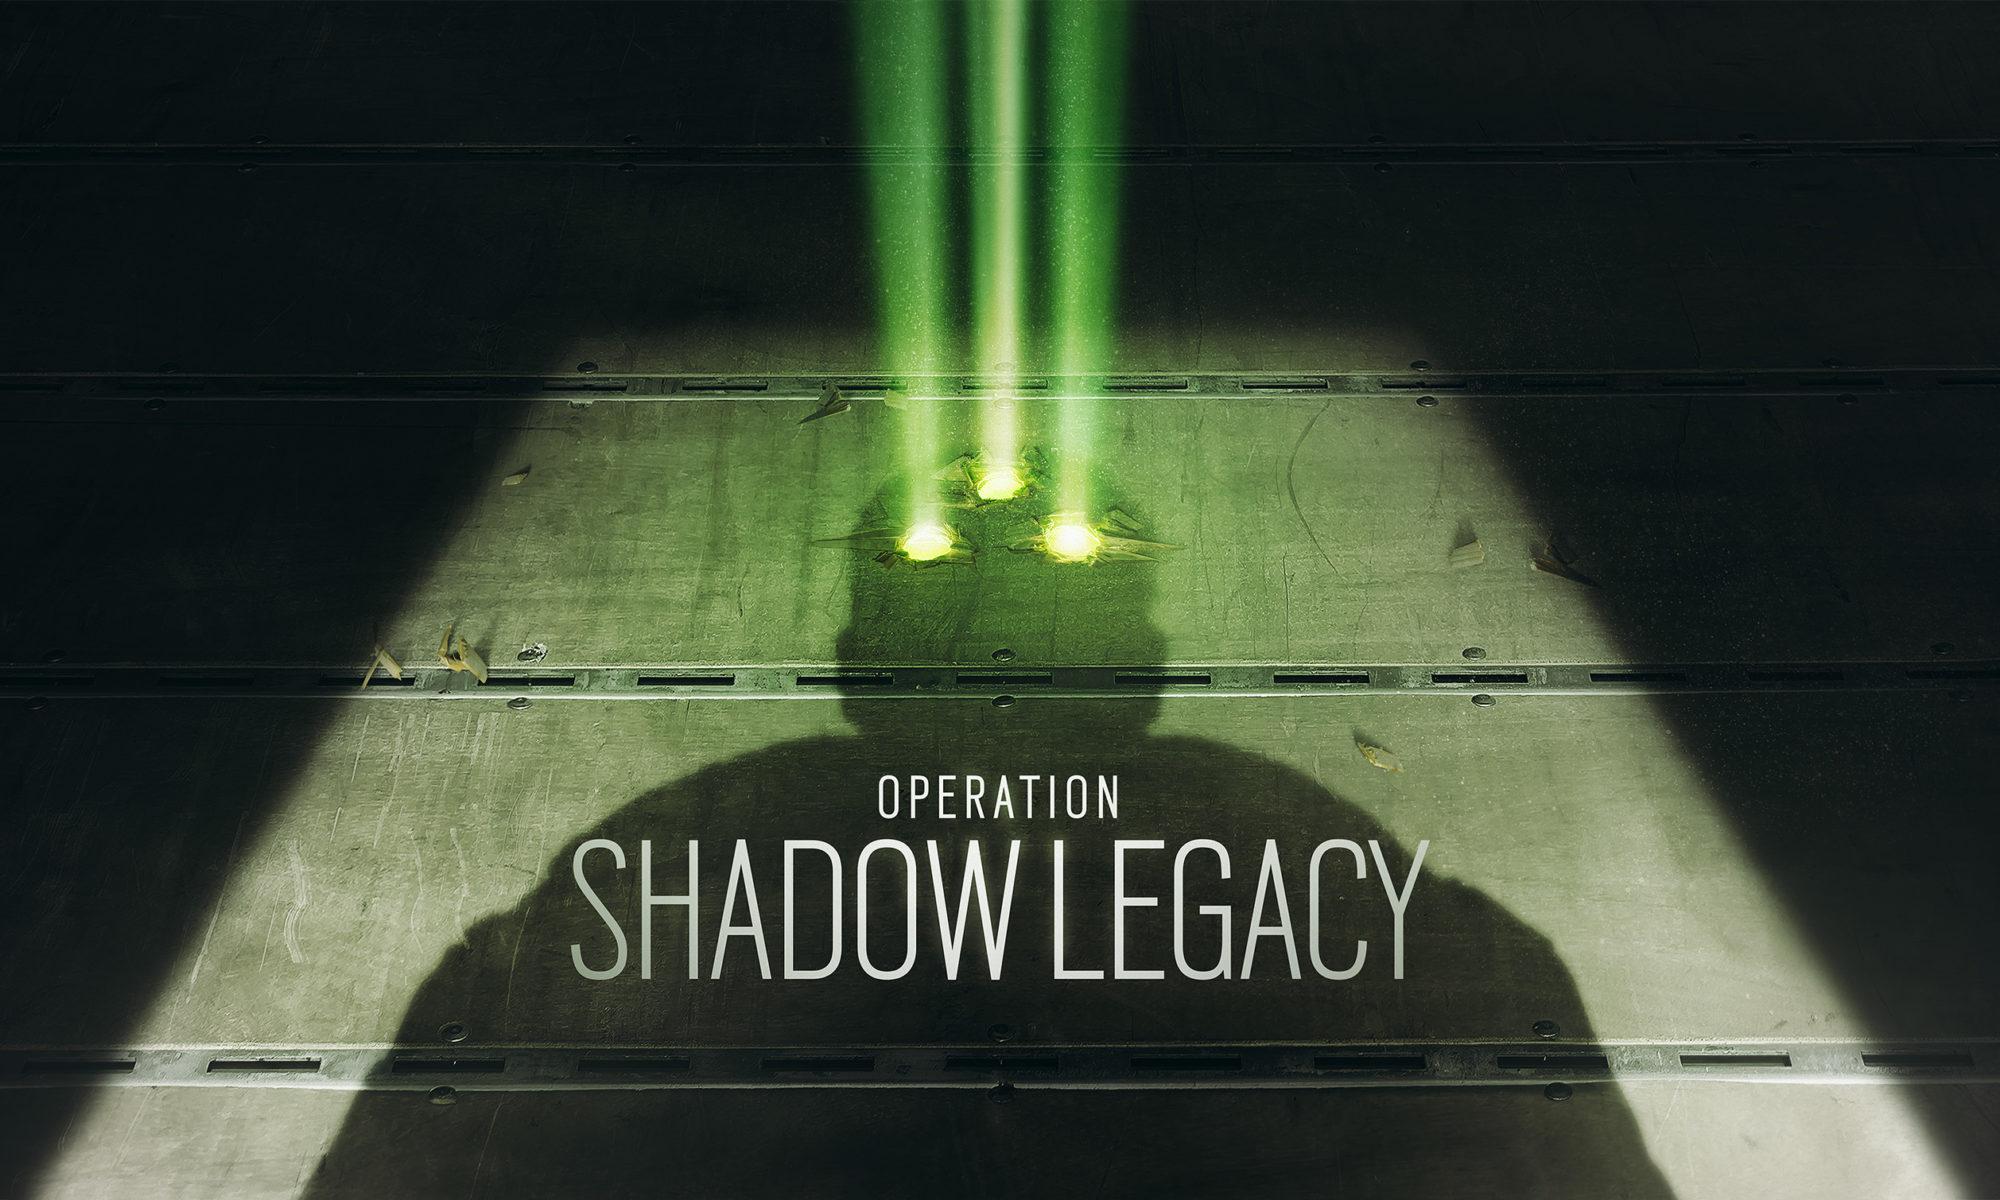 Operation Shadow Legacy